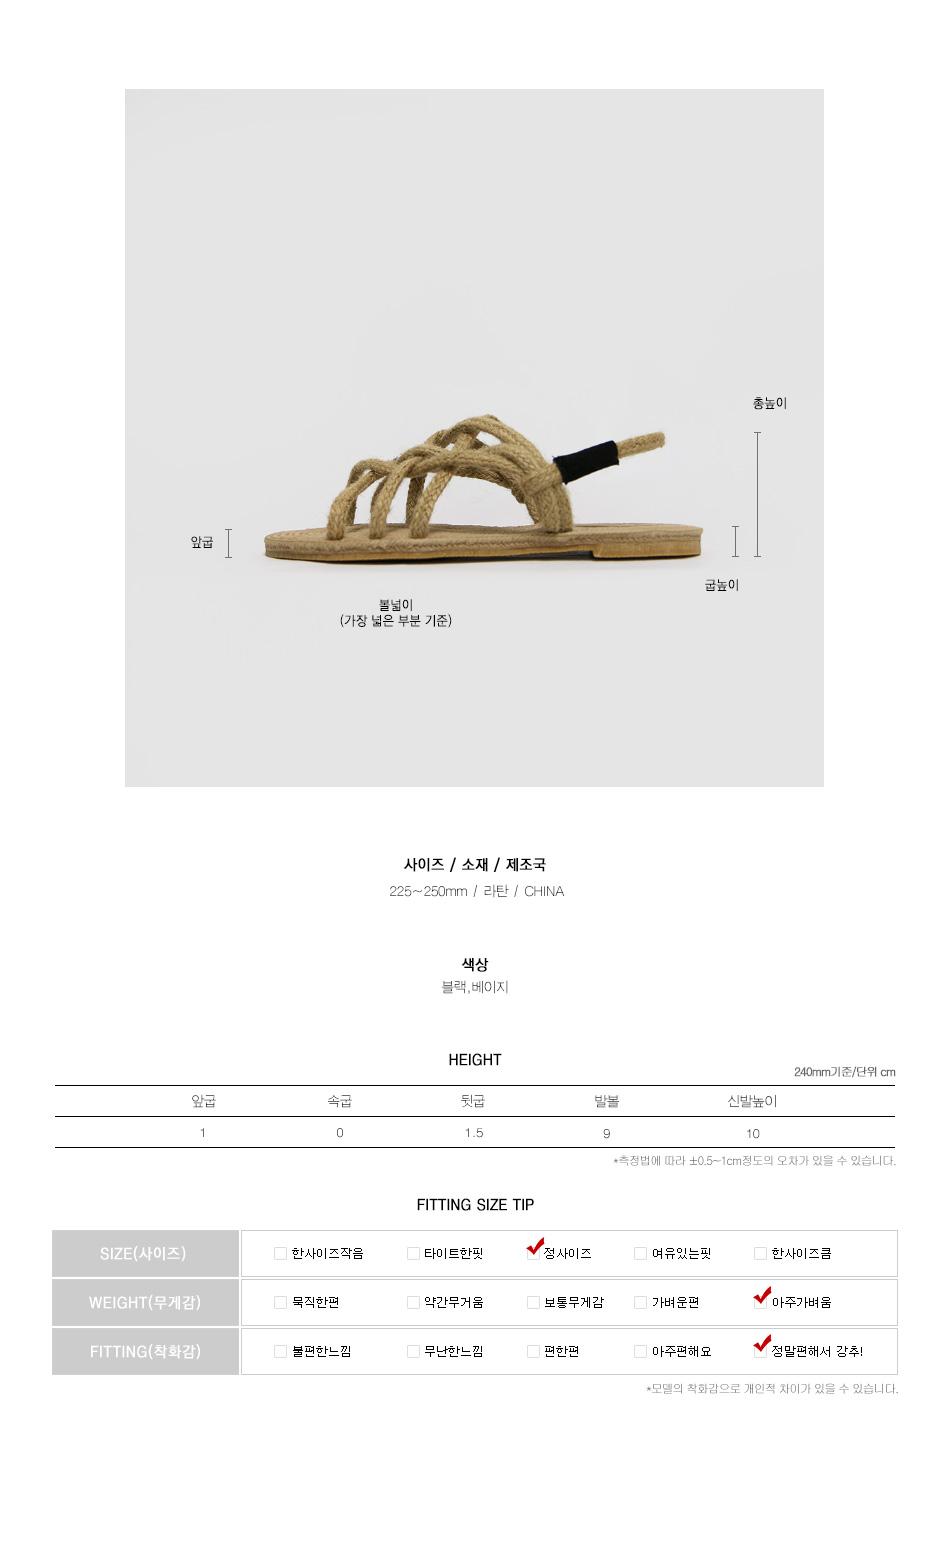 로네 라탄 스트랩 샌들 상품정보